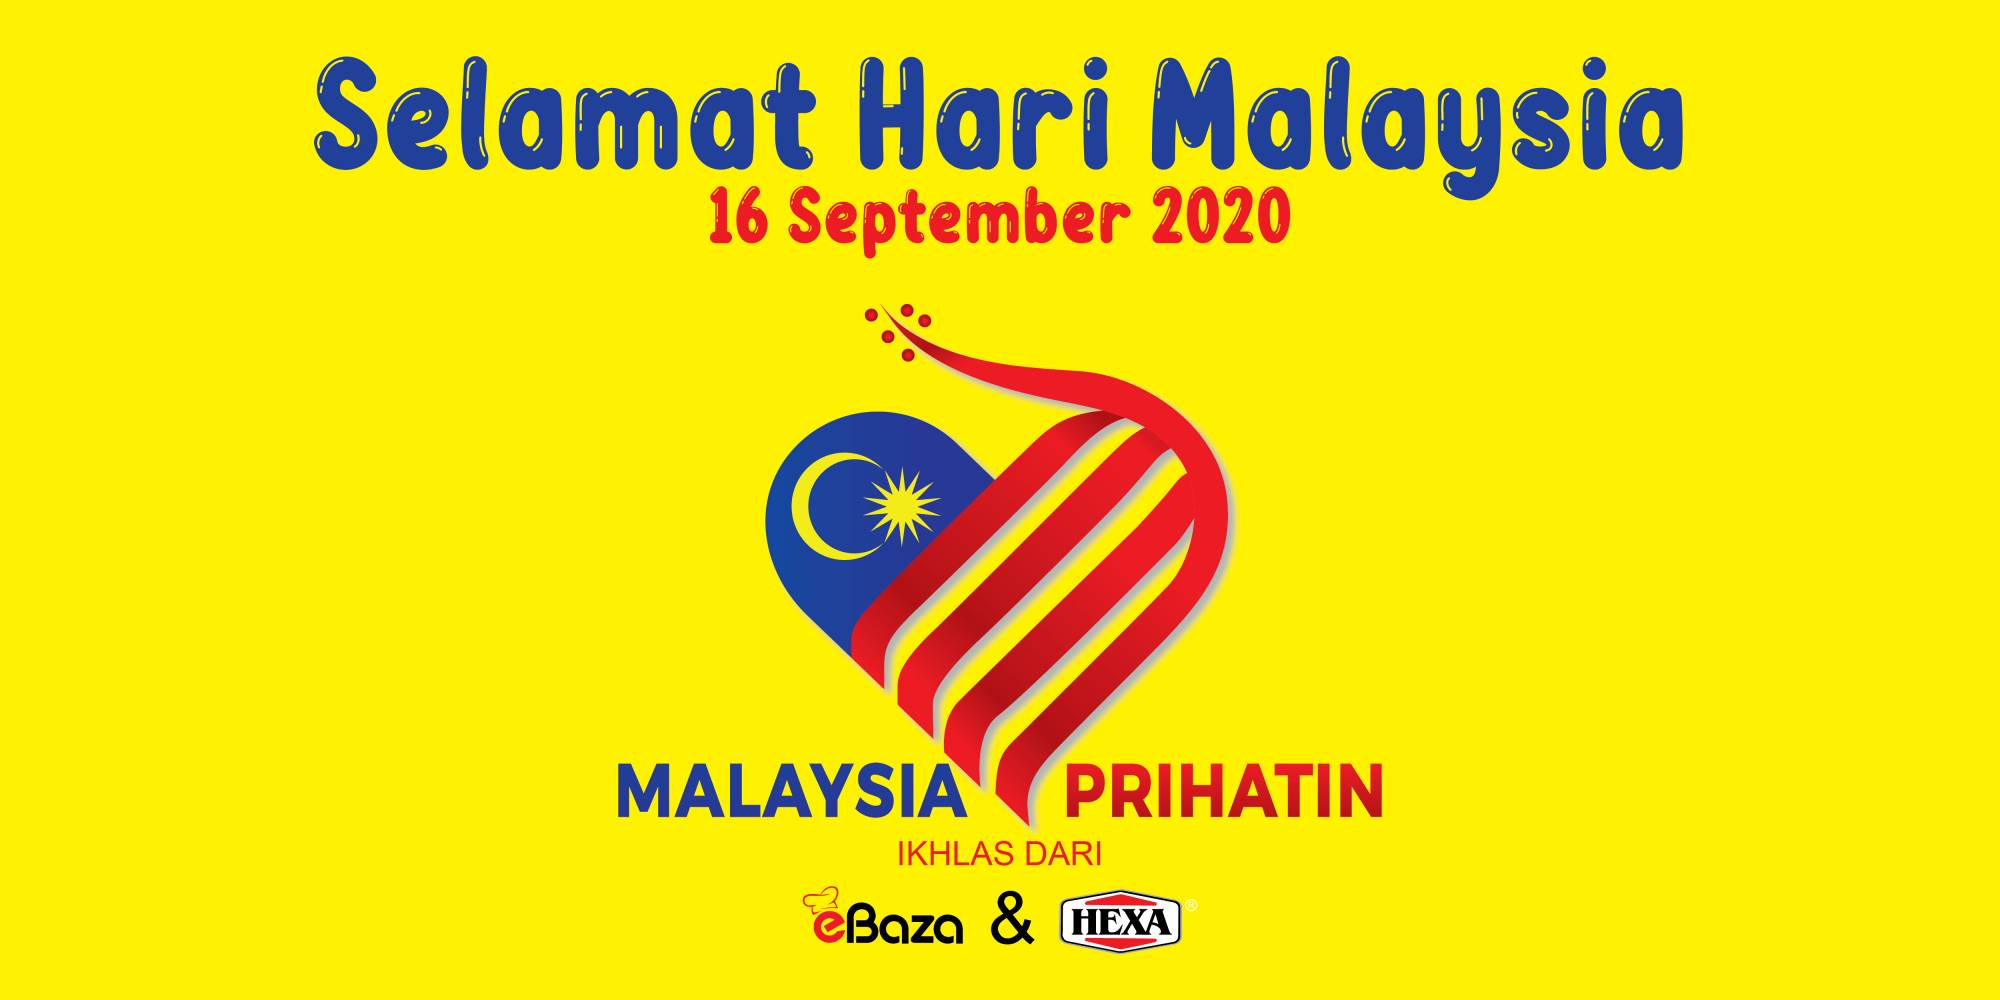 Selamat Hari Malaysia, Malaysia Prihatin